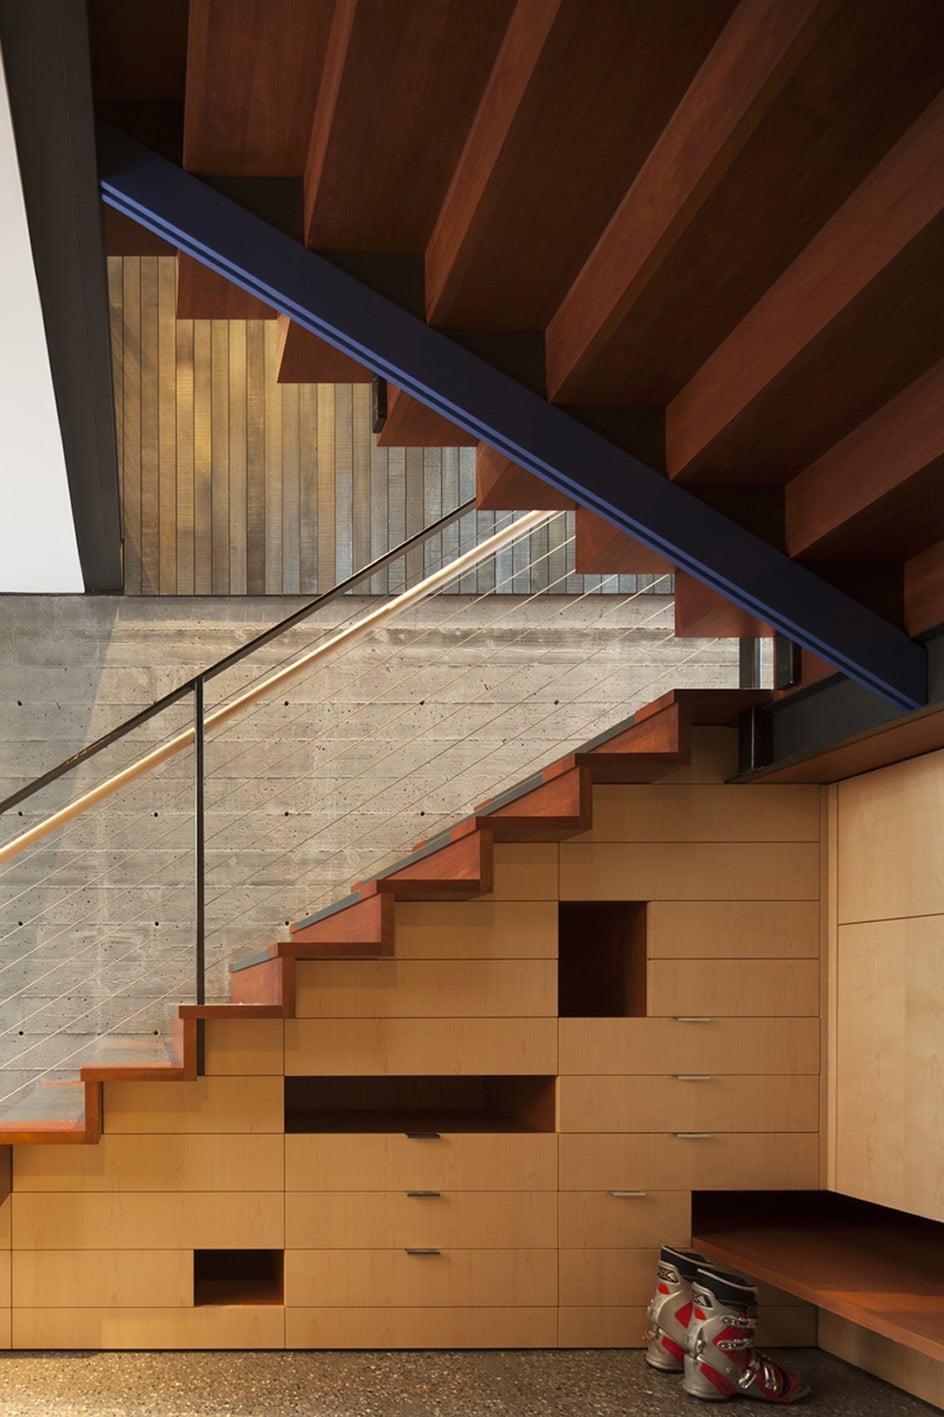 diseo de escaleras modernas de madera con cajones debajo de peldaos